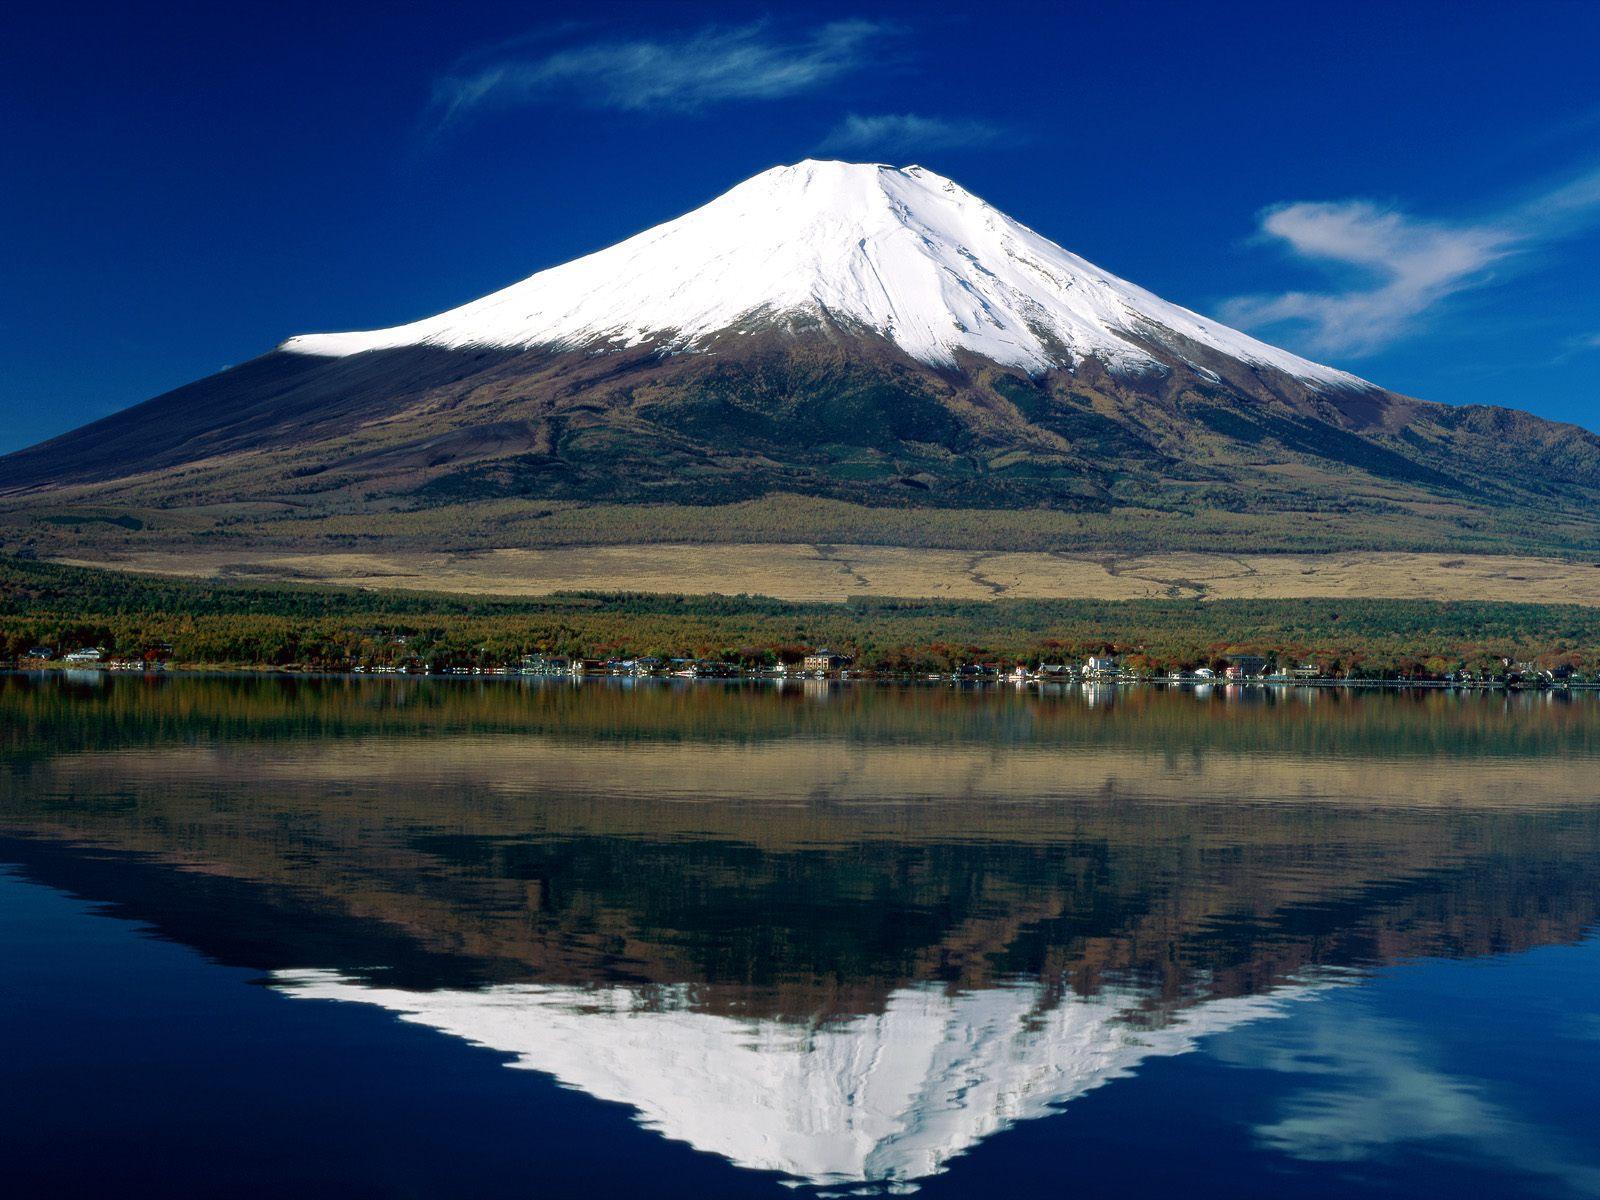 http://1.bp.blogspot.com/_dx_nO4X3Yxs/S8ny_mGPFhI/AAAAAAAAAA0/8t3J8ui-caA/s1600/monte_fuji.jpg